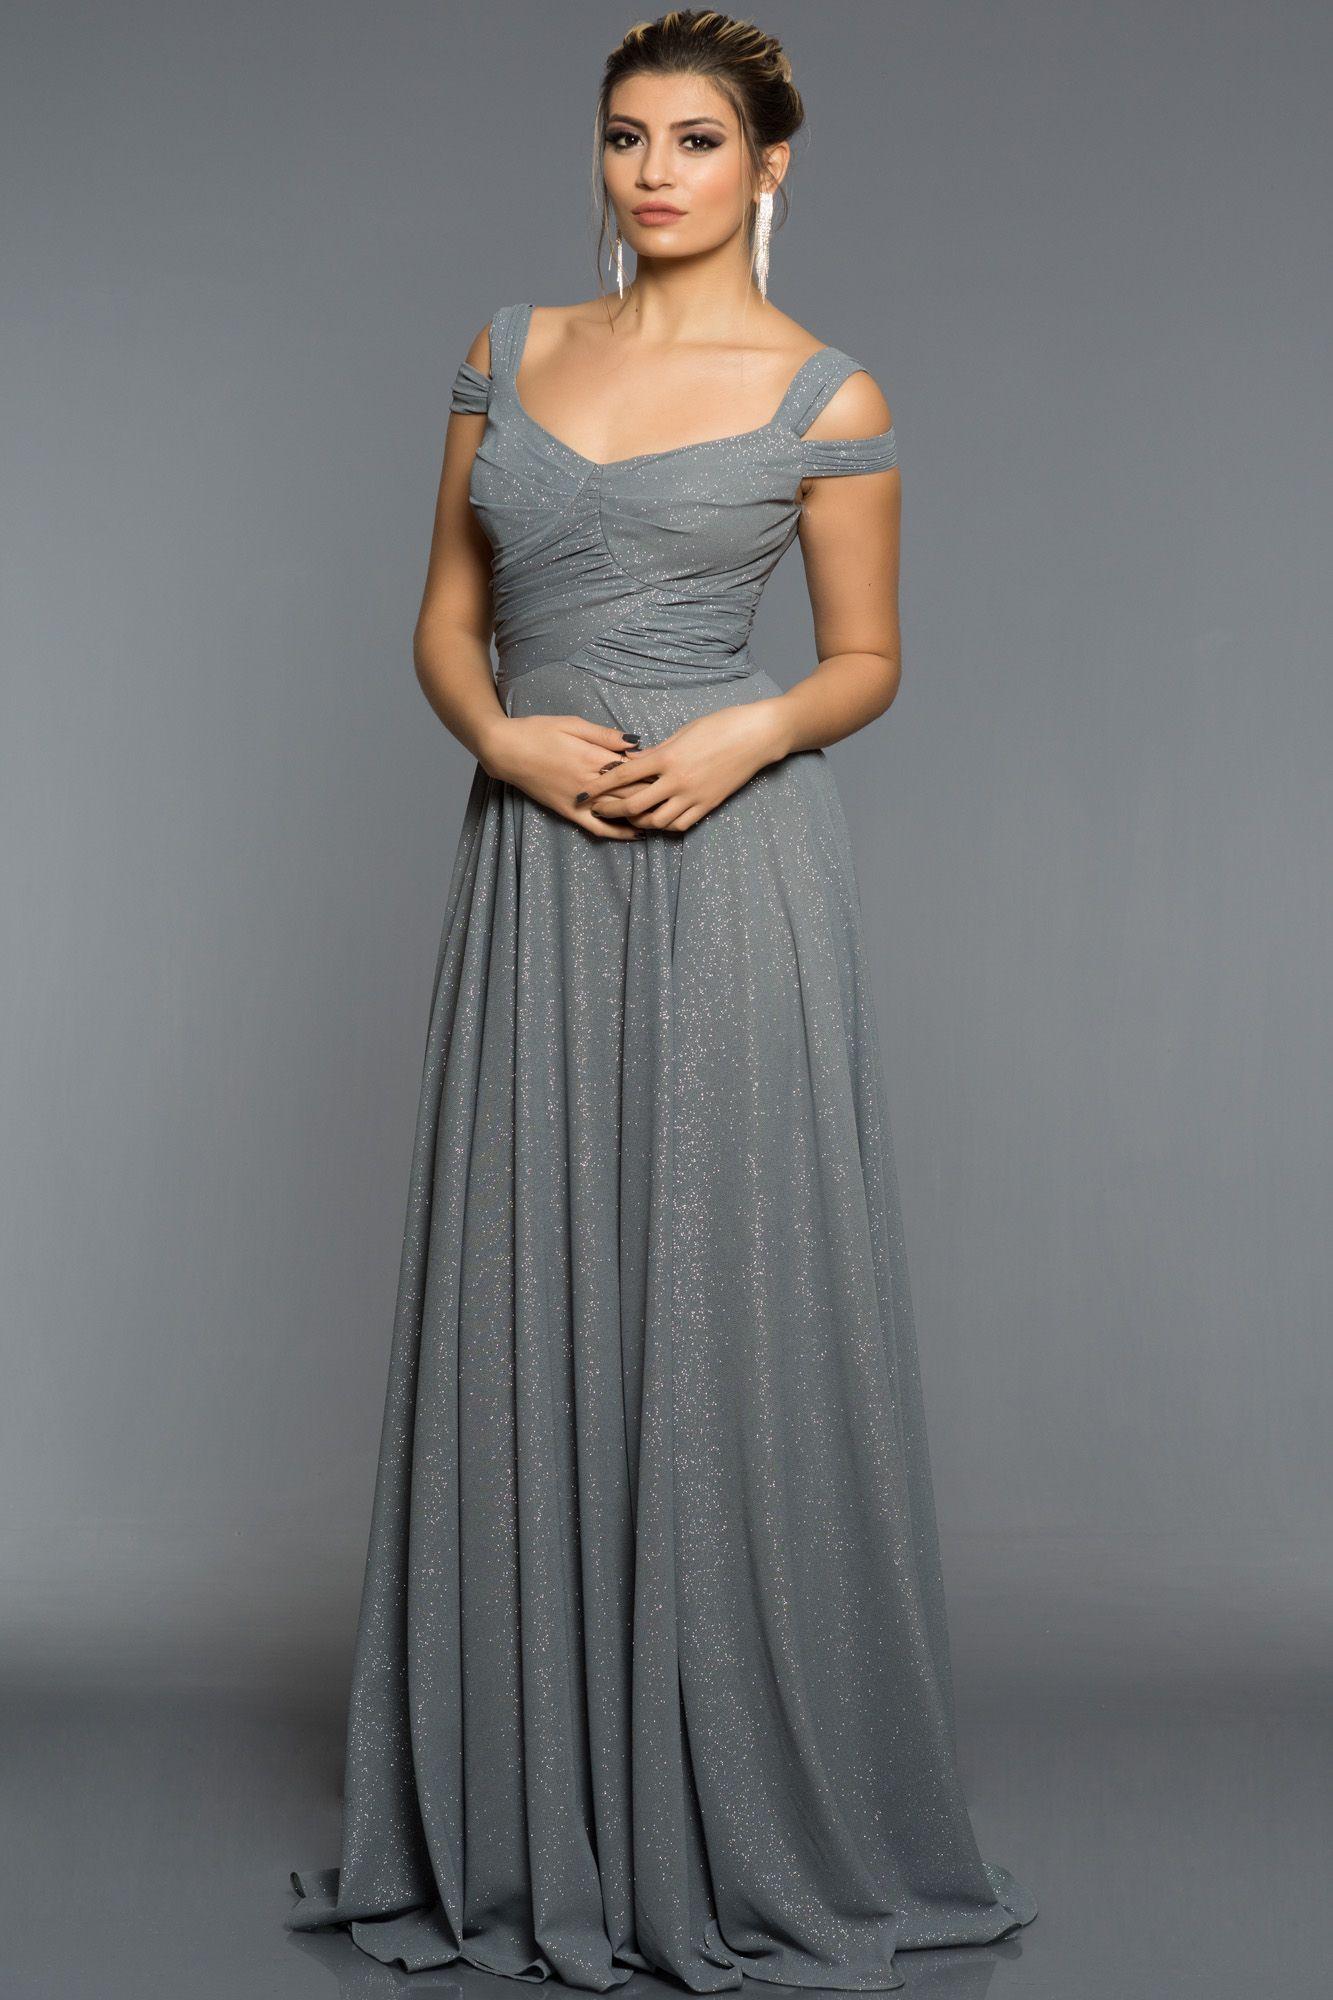 Antrasit Simli Uzun Abiye Elbise An2511 Elbise Resmi Elbise The Dress